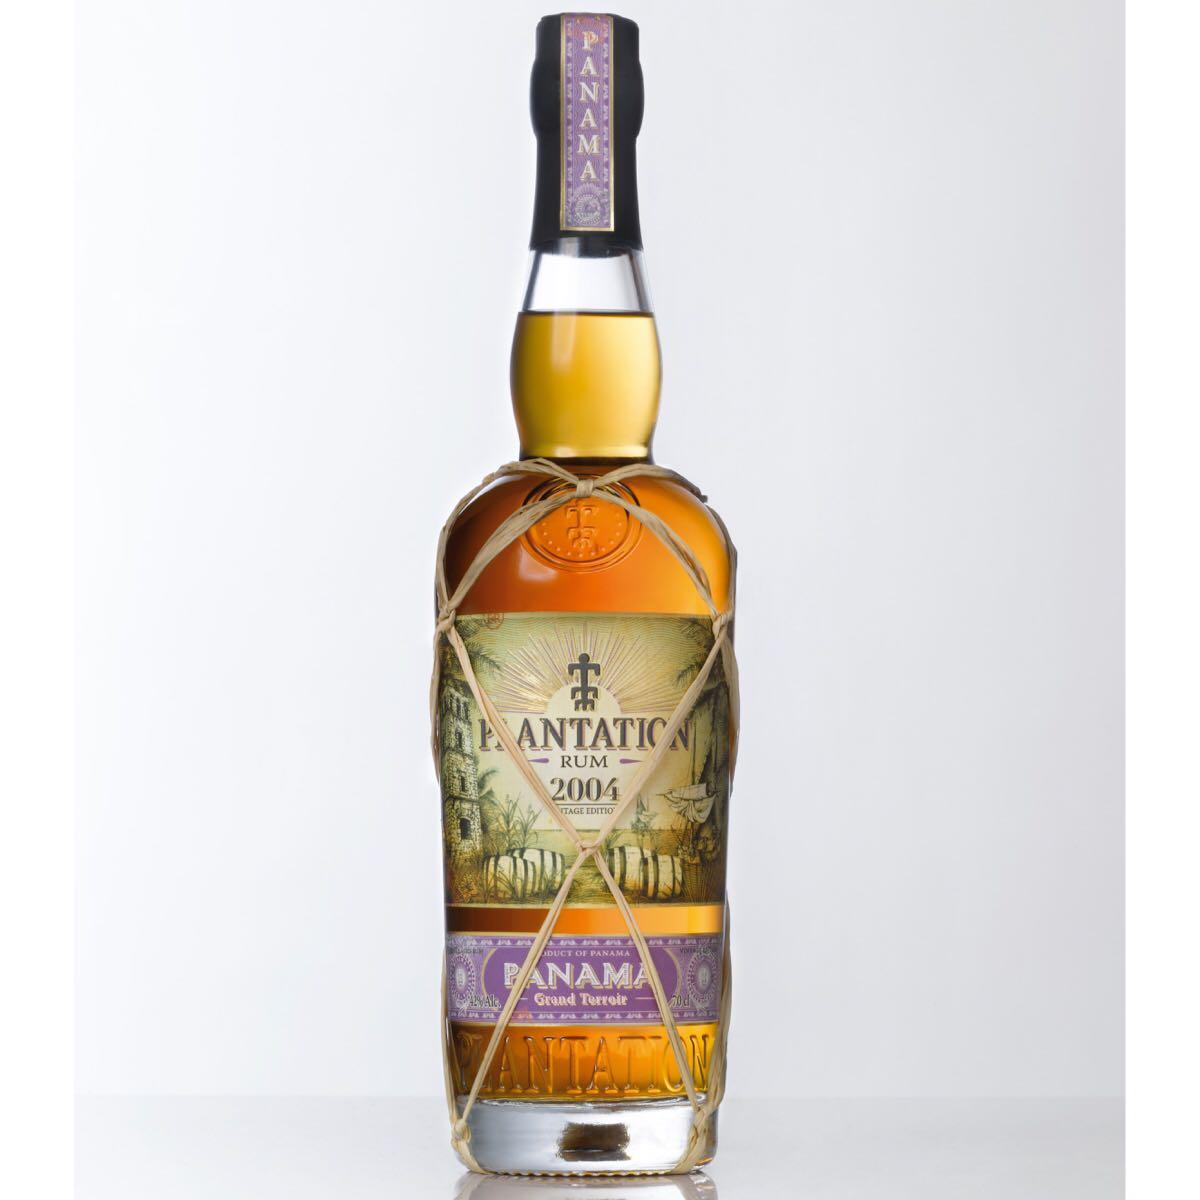 Bottle image of Plantation Panama Grand Cru